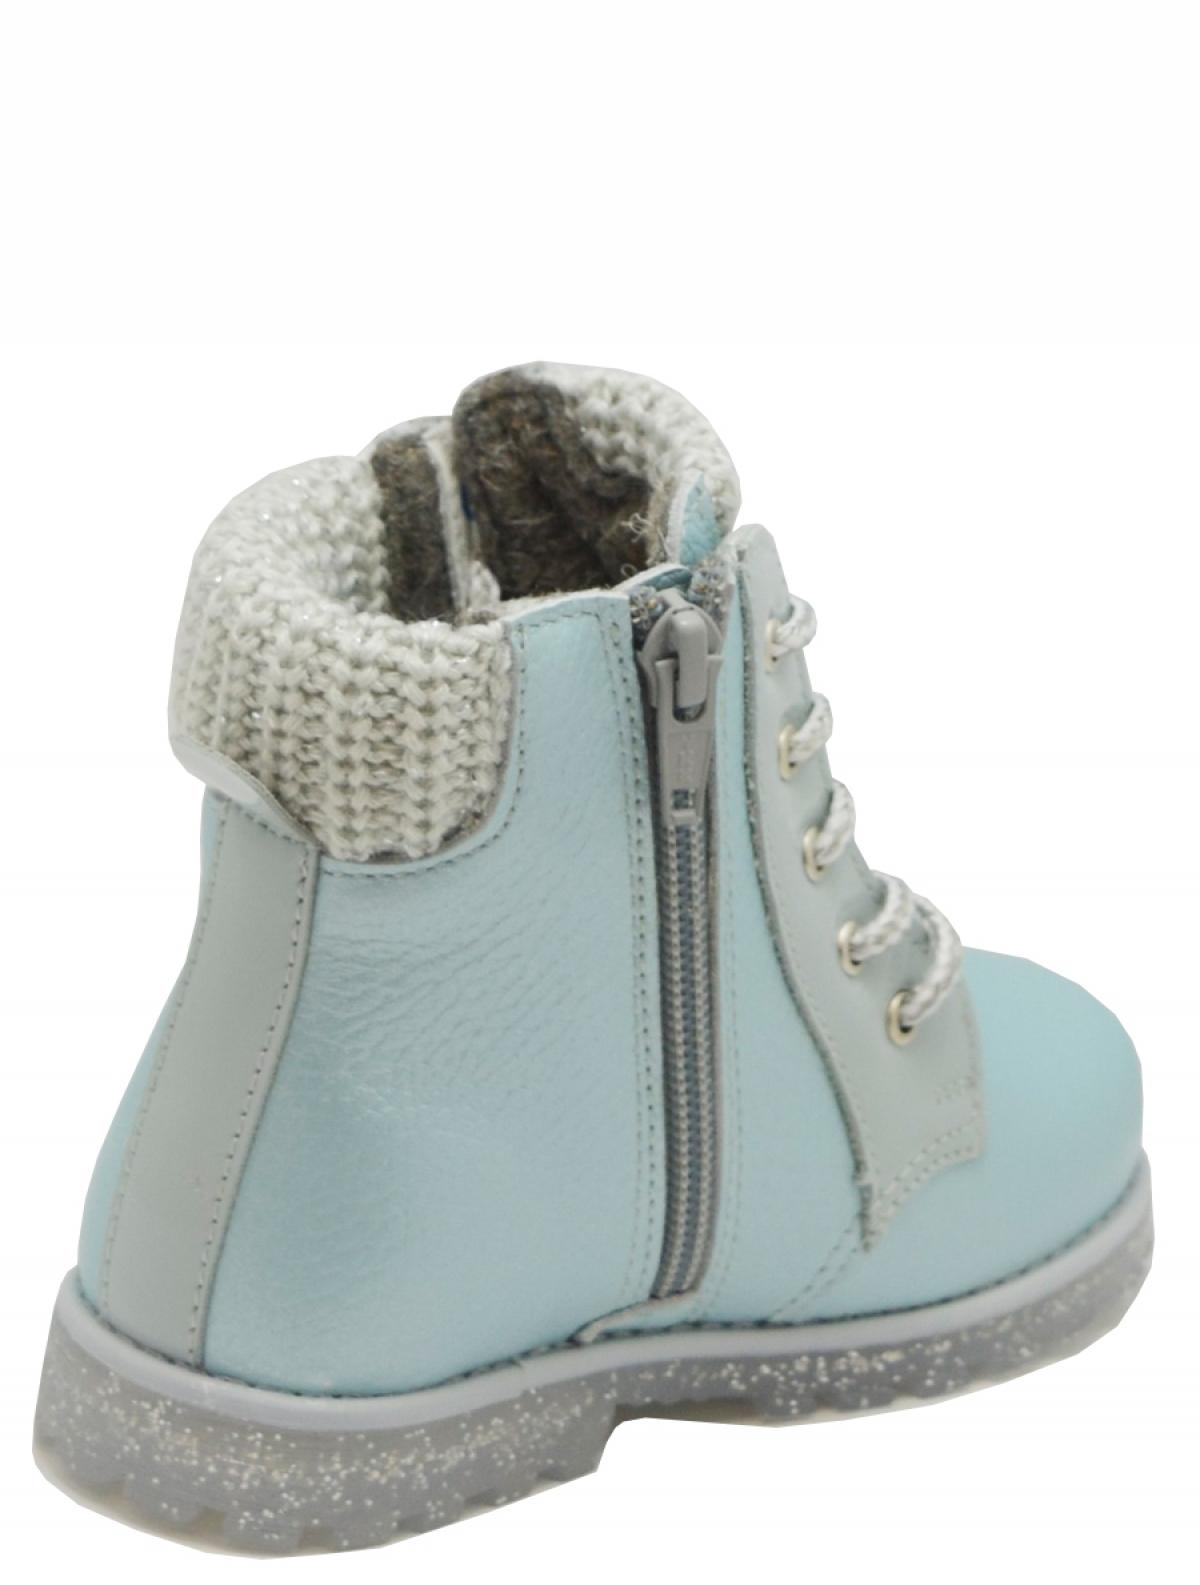 Котофей 352193-32 детские ботинки